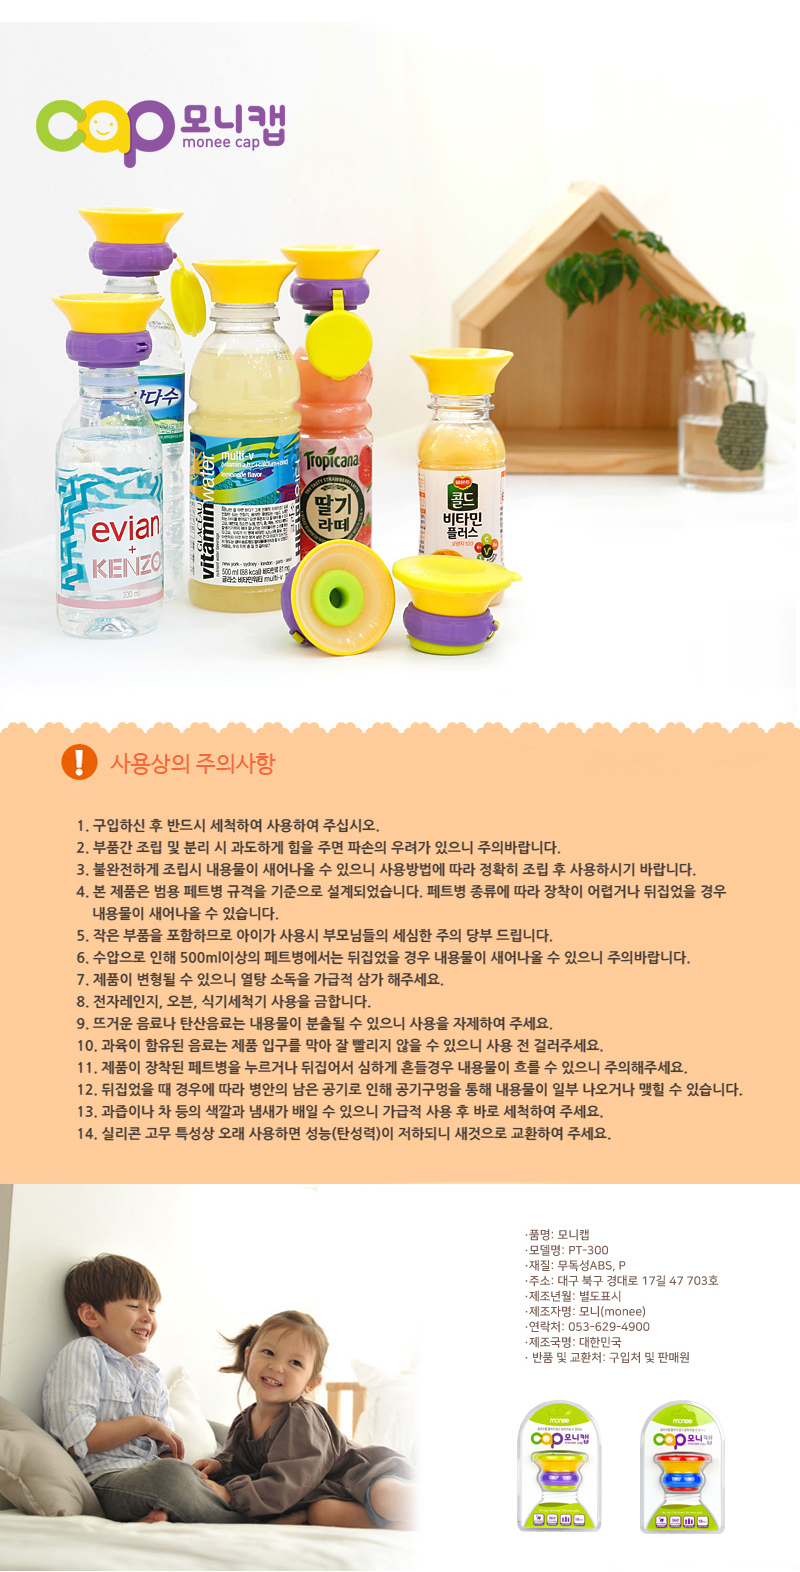 모니 유아용품 음료흘림 빨대컵 모니캡 2개 중 선택 - 모니, 15,000원, 유아식기/용품, 컵/빨대컵/물병